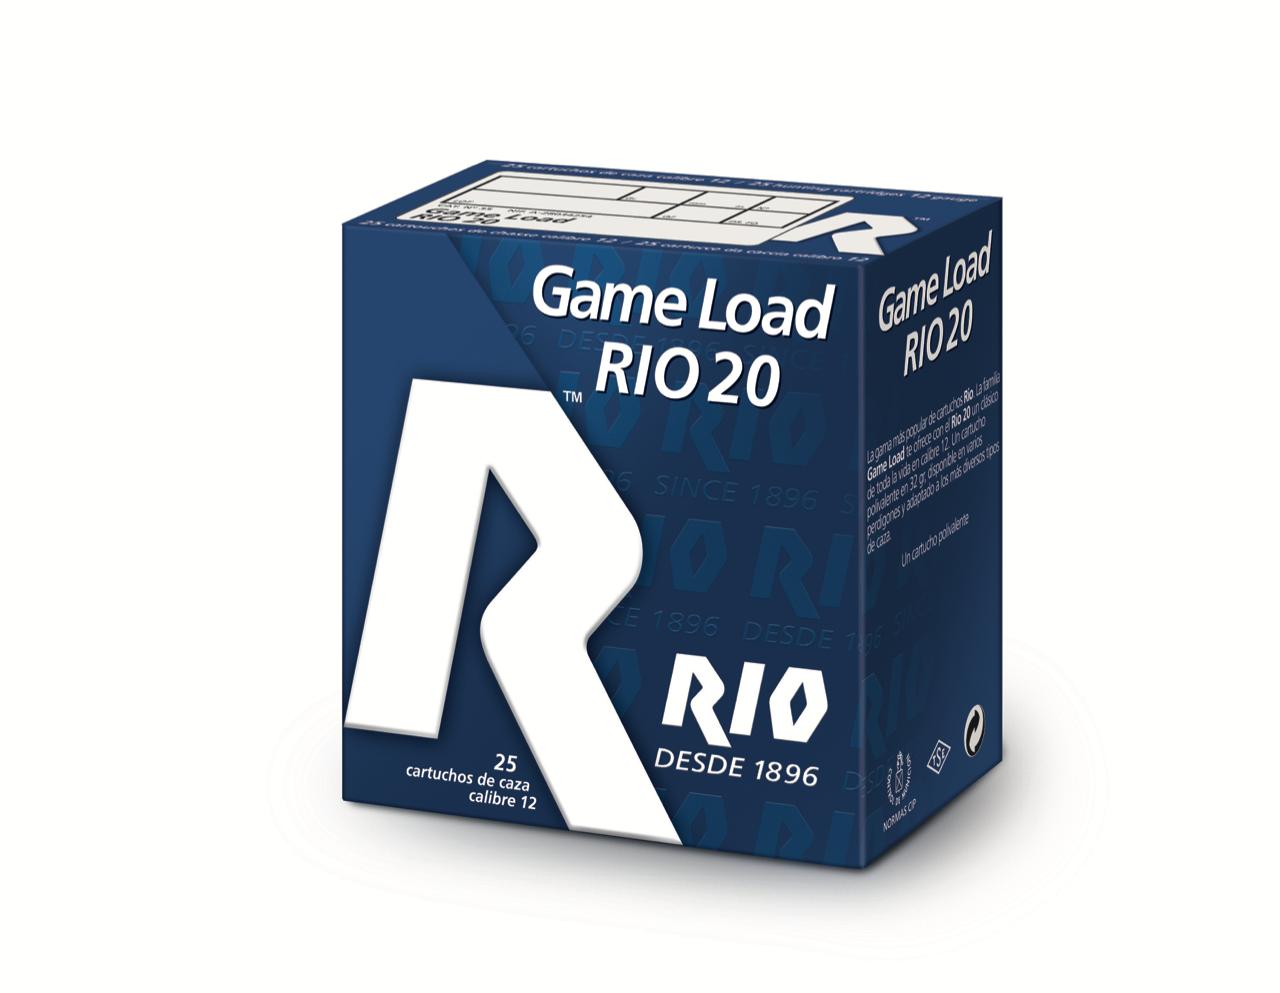 Cartucho RIO 20